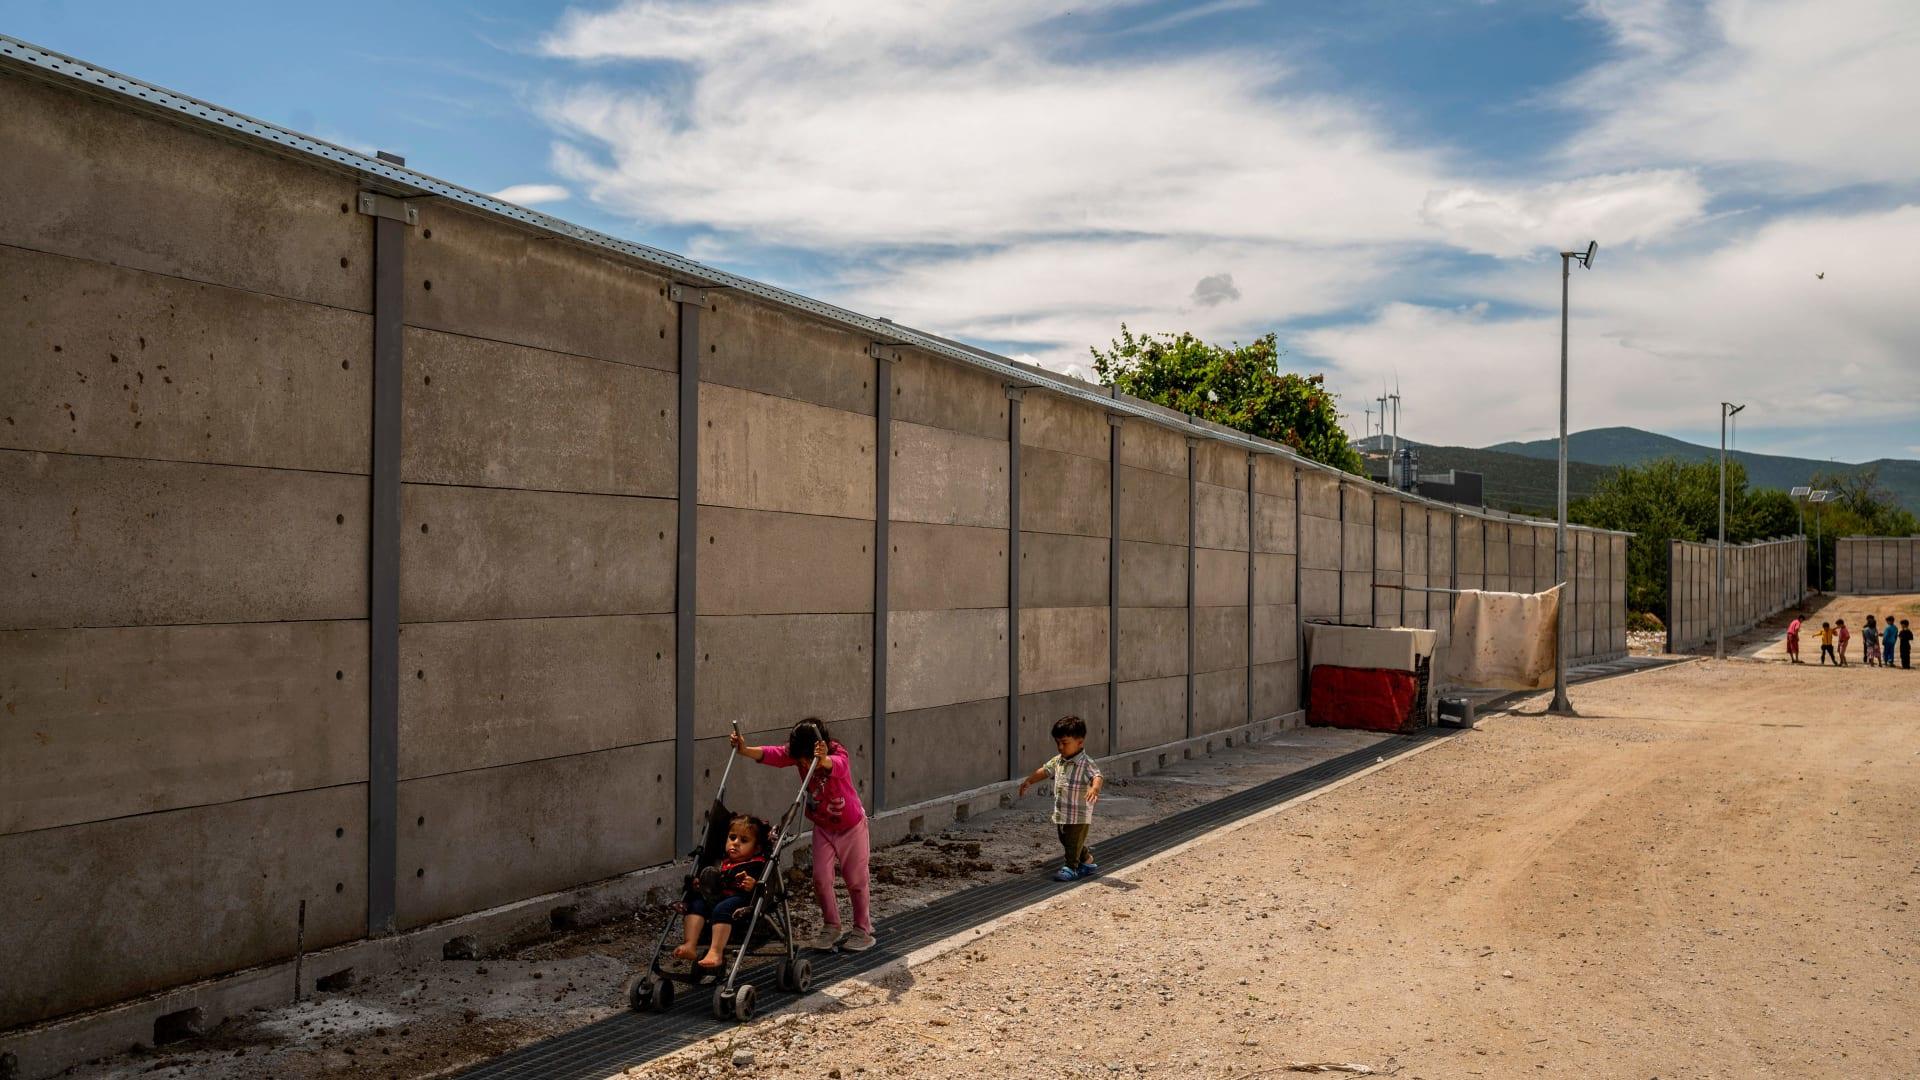 جدار حدودي بين اليونان وتركيا